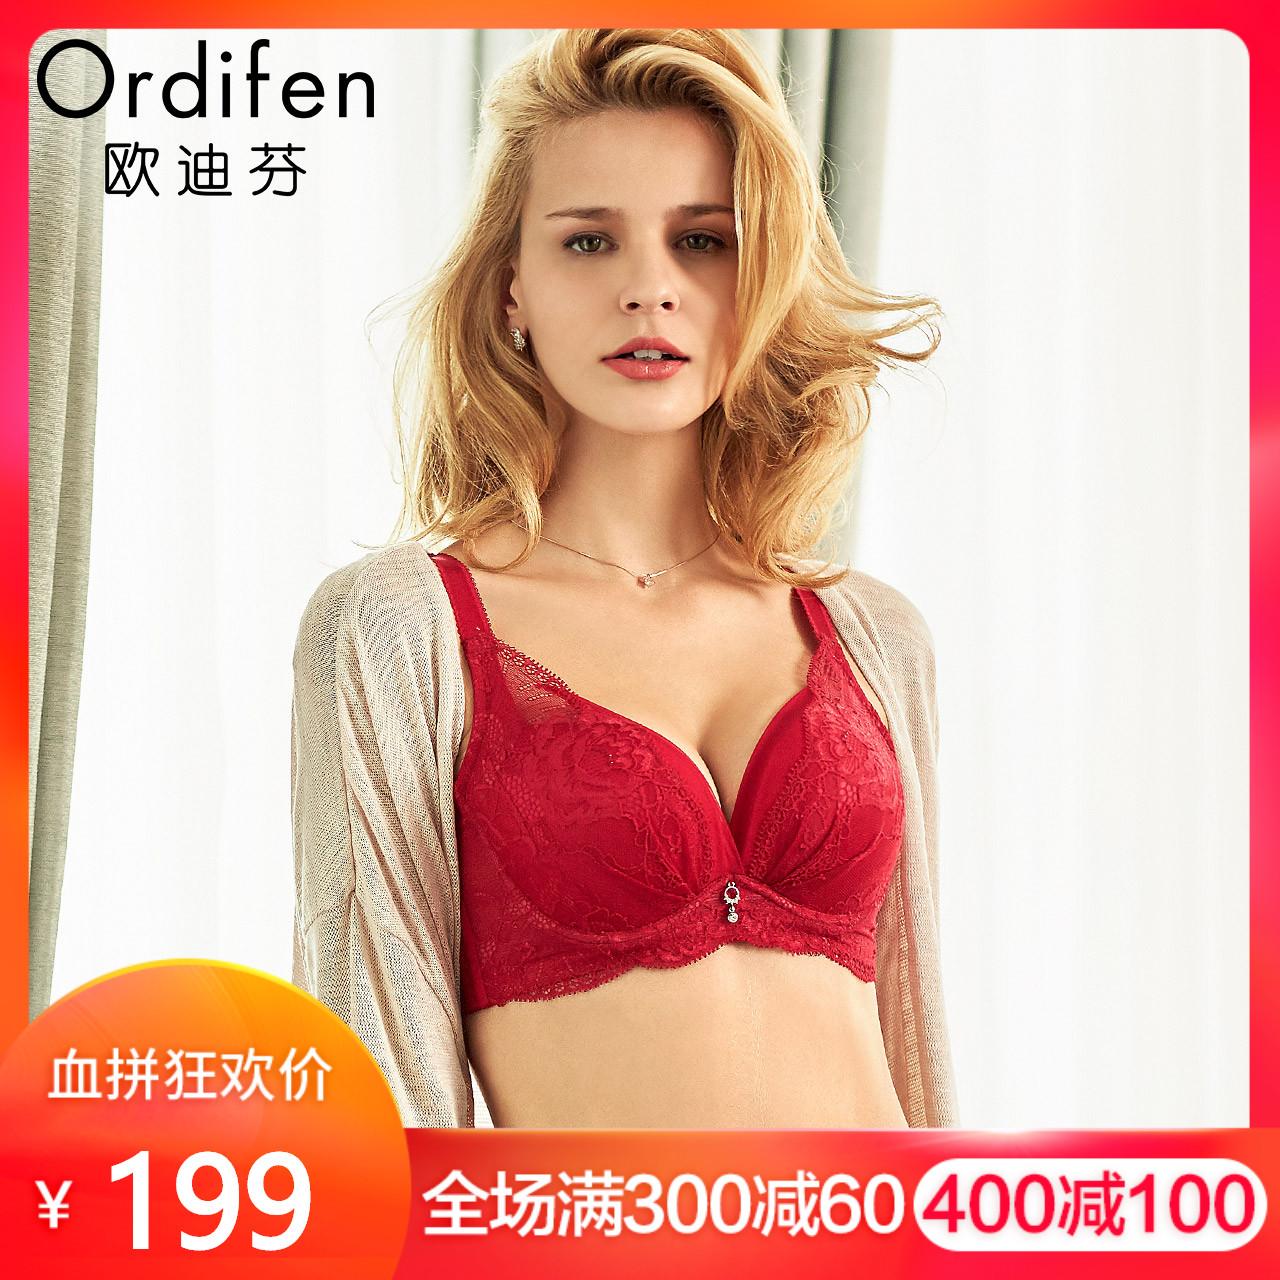 欧迪芬商场同款 内衣女士蕾丝深V性感聚拢胸罩大红色文胸OB6151